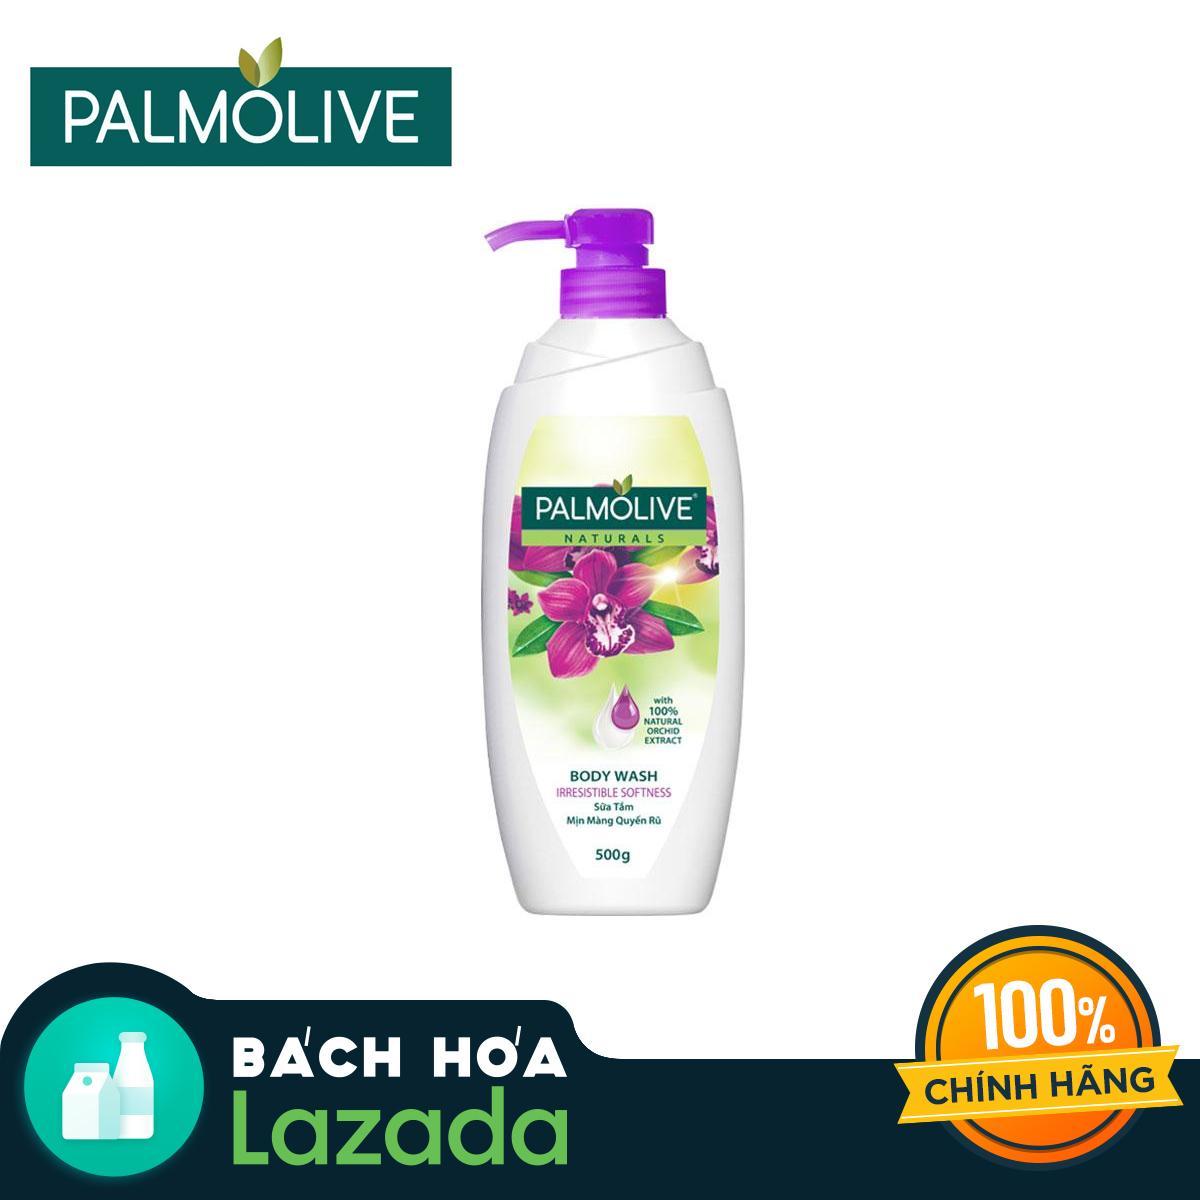 Sữa Tắm Palmolive Mịn Màng Quyến Rũ 100% Chiết Xuất Từ Phong Lan 500g Đang Trong Dịp Khuyến Mãi